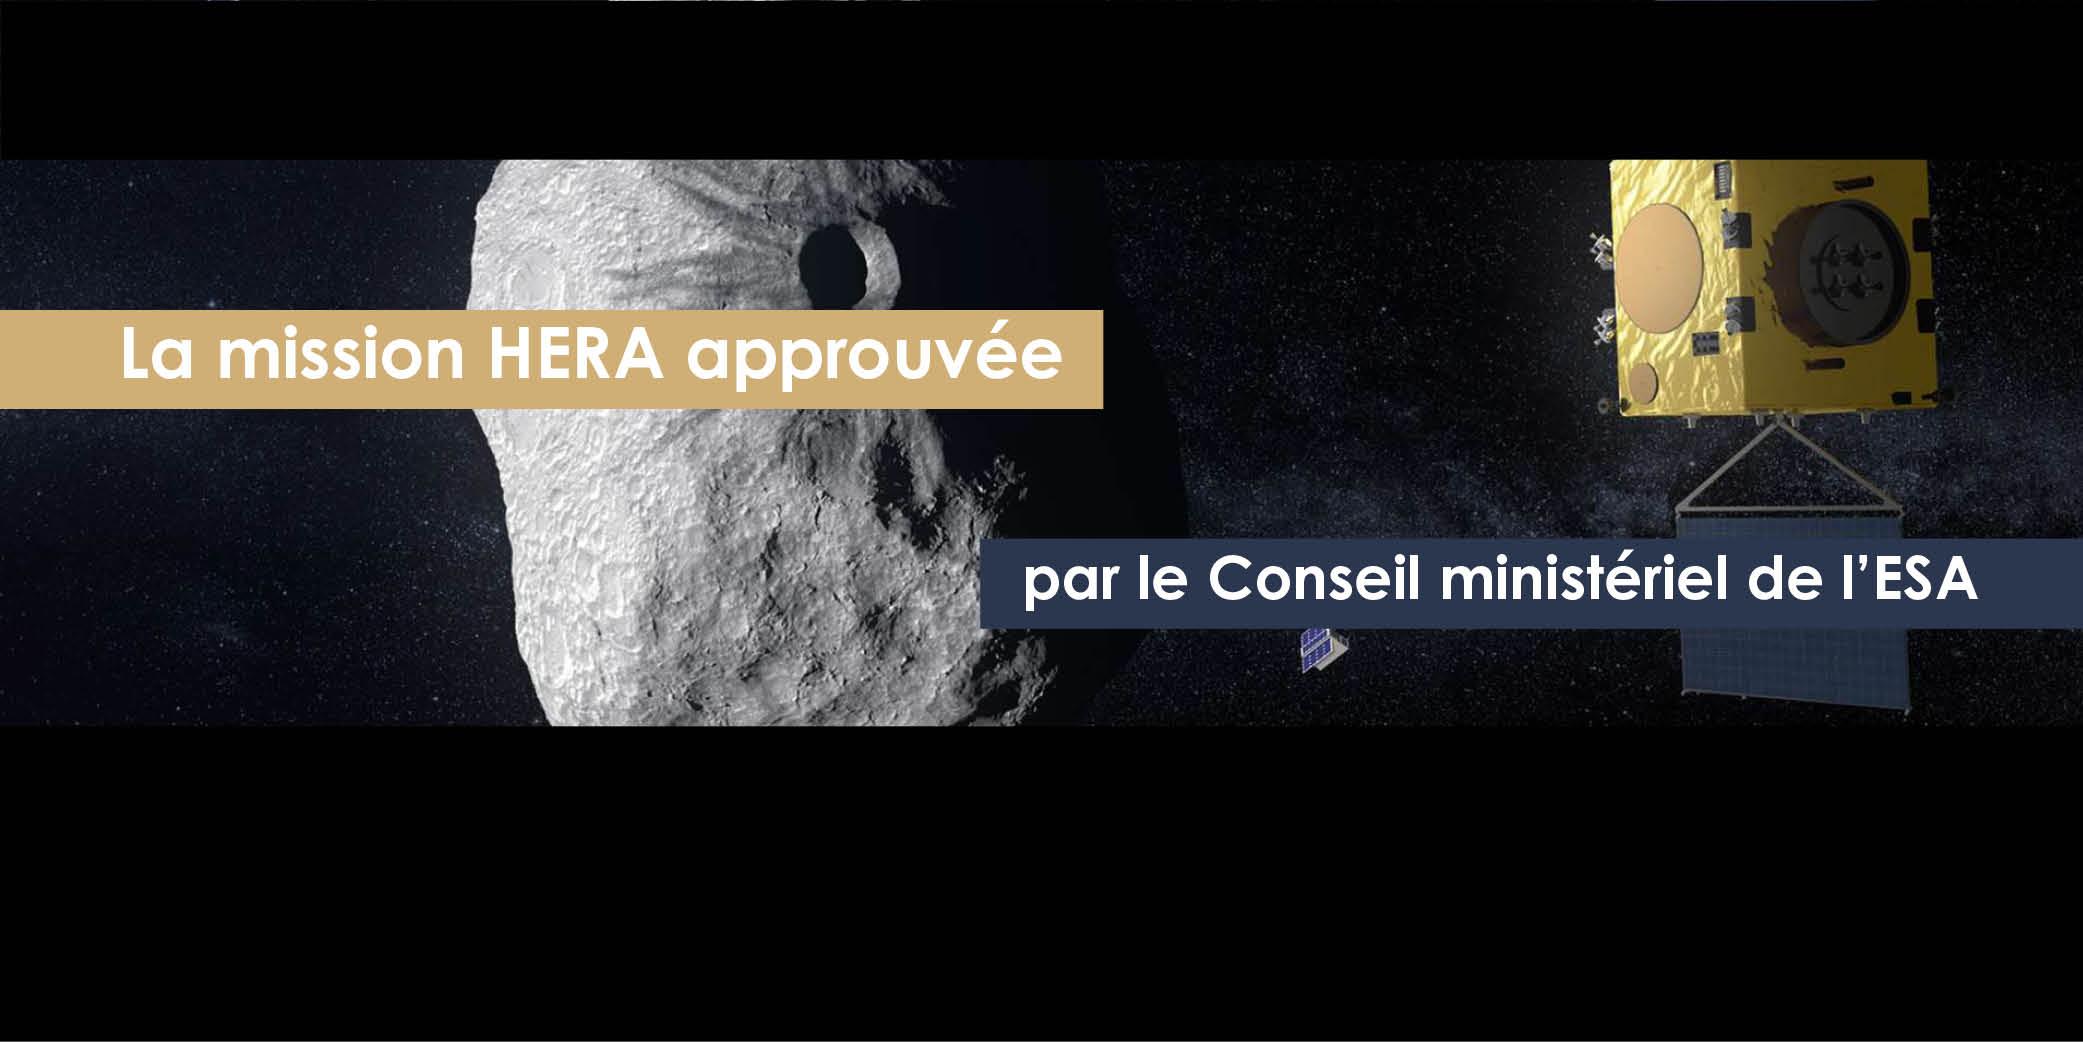 Observatoire De La Côte D Azur Sciences De L Univers